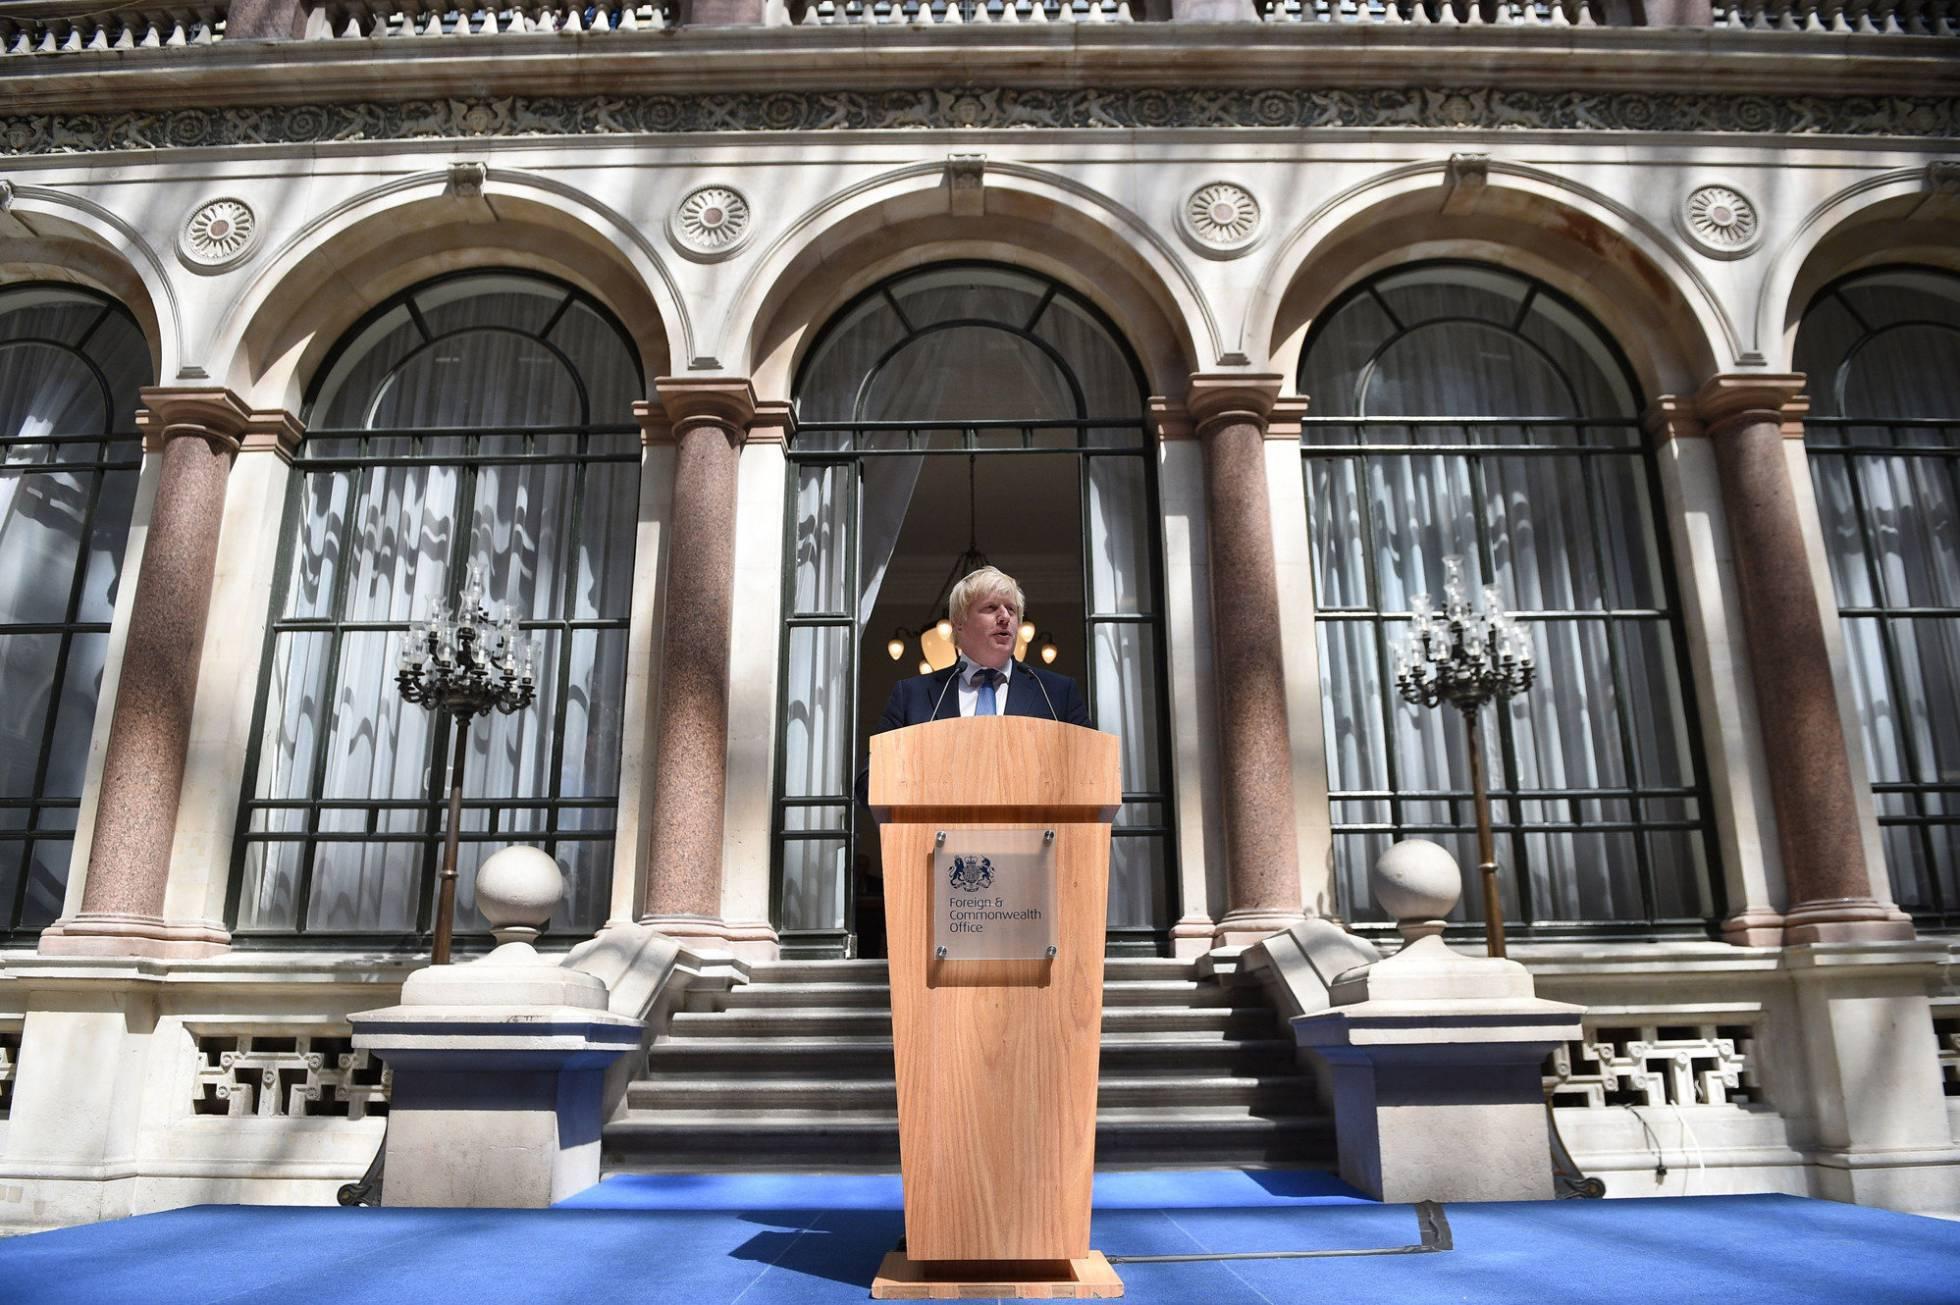 Tambalea la Unión Europea - Página 5 1468776544_250053_1468776735_noticia_normal_recorte1